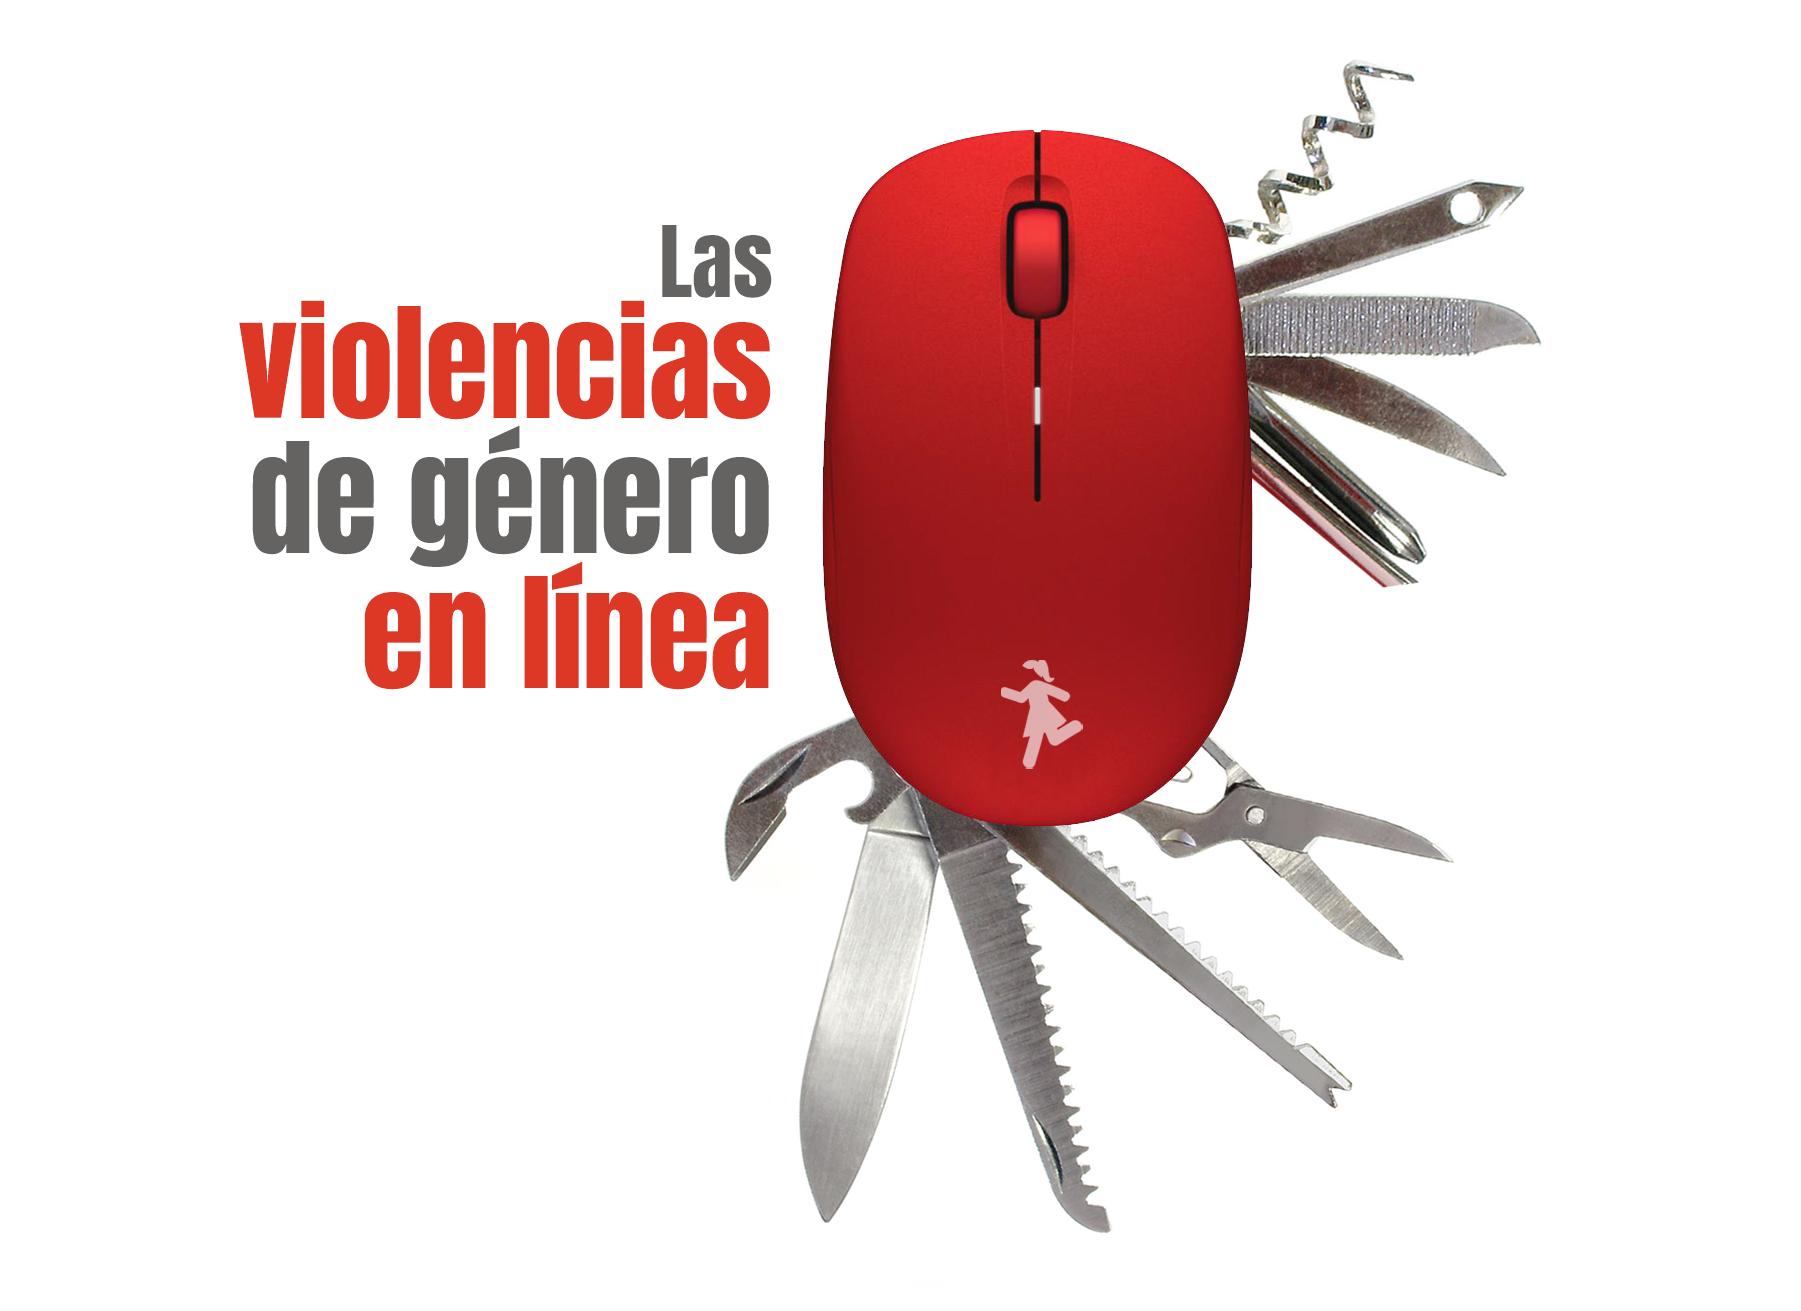 Violencias de género en línea